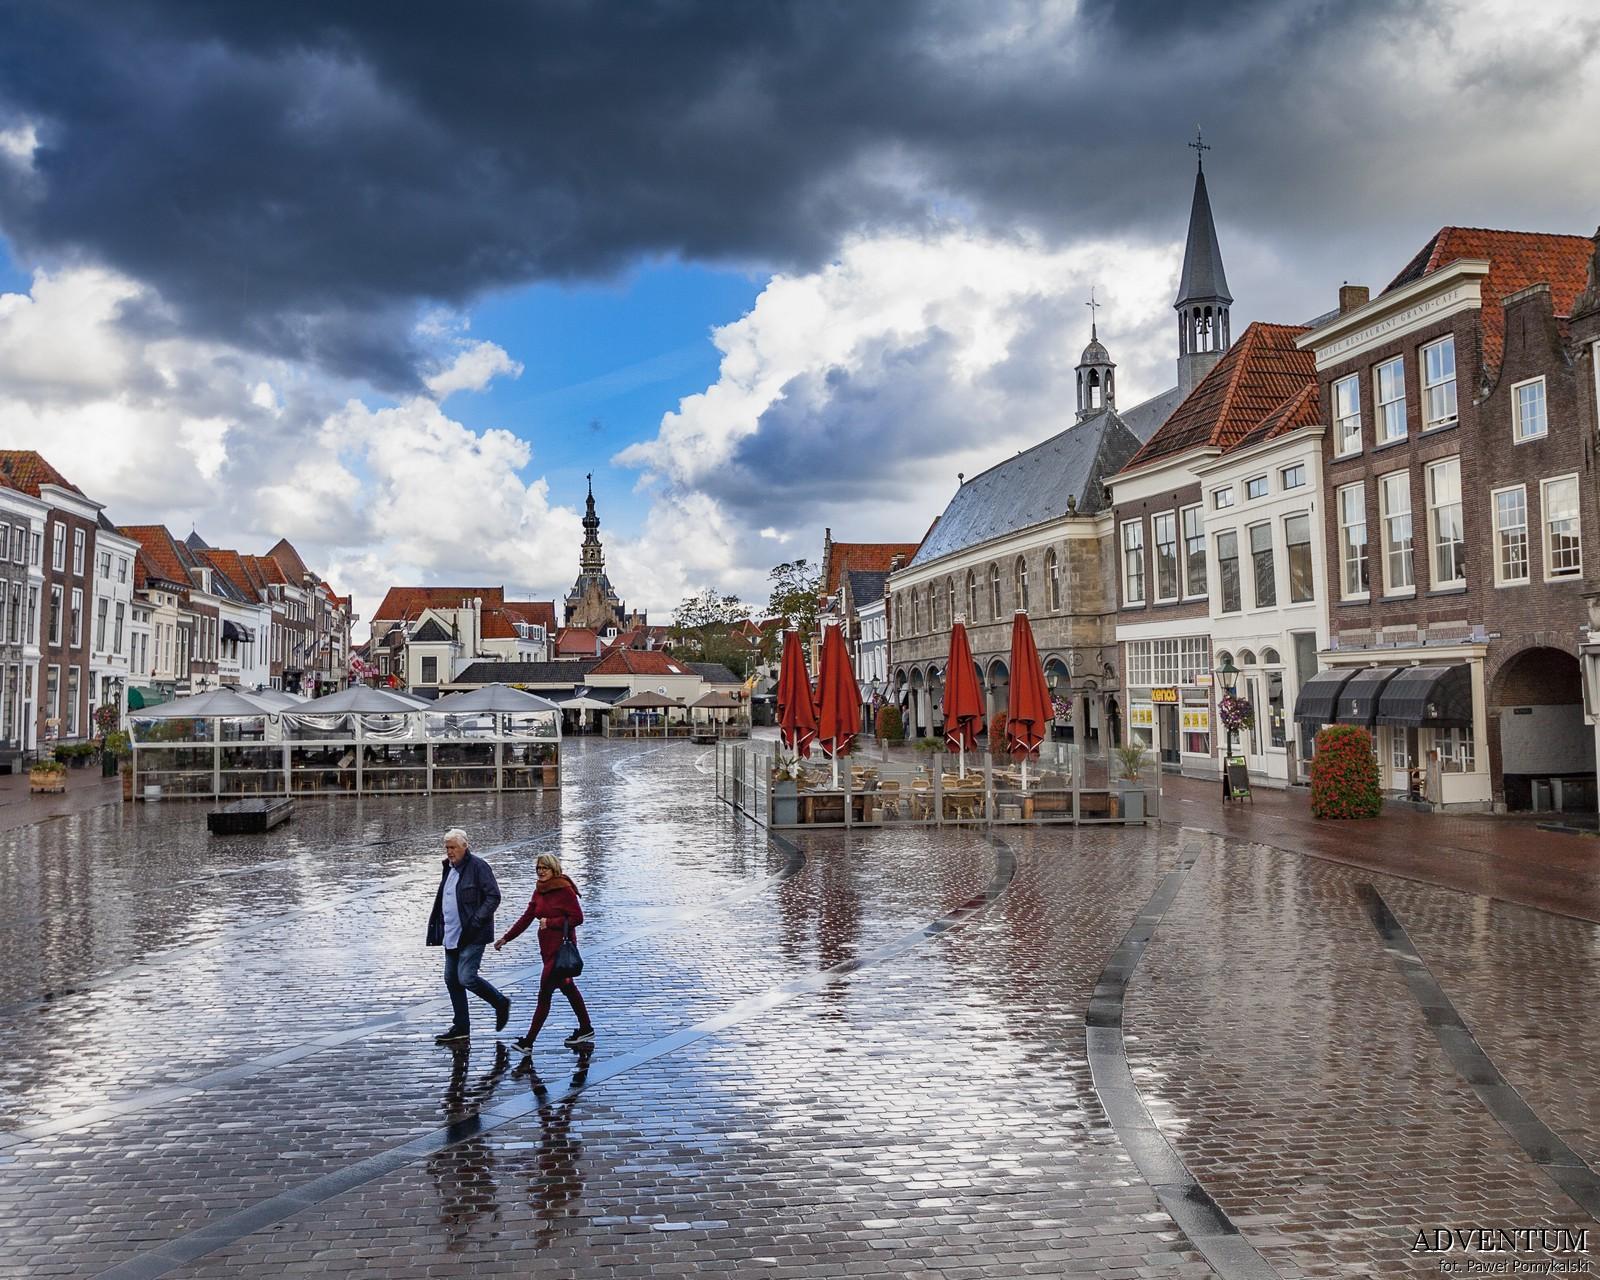 Holandia Zierrikzee Atrakcje Zwiedzanie co Zobaczyć Amsterdam Rotterdam Haga Kanały Wiatraki